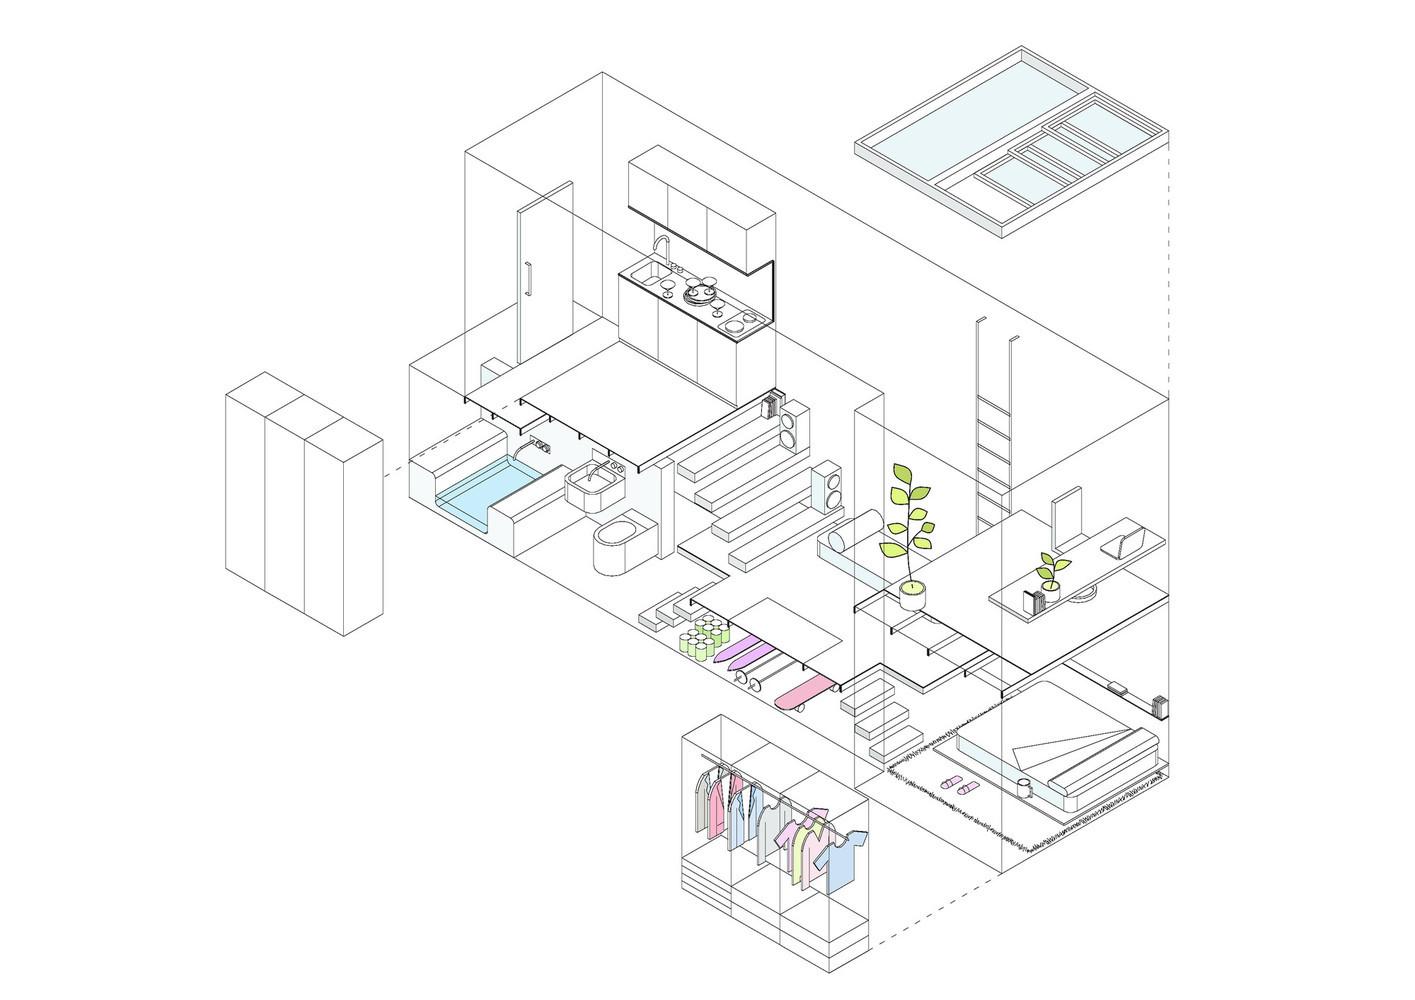 گیاهان خانگی در طراحی داخلی